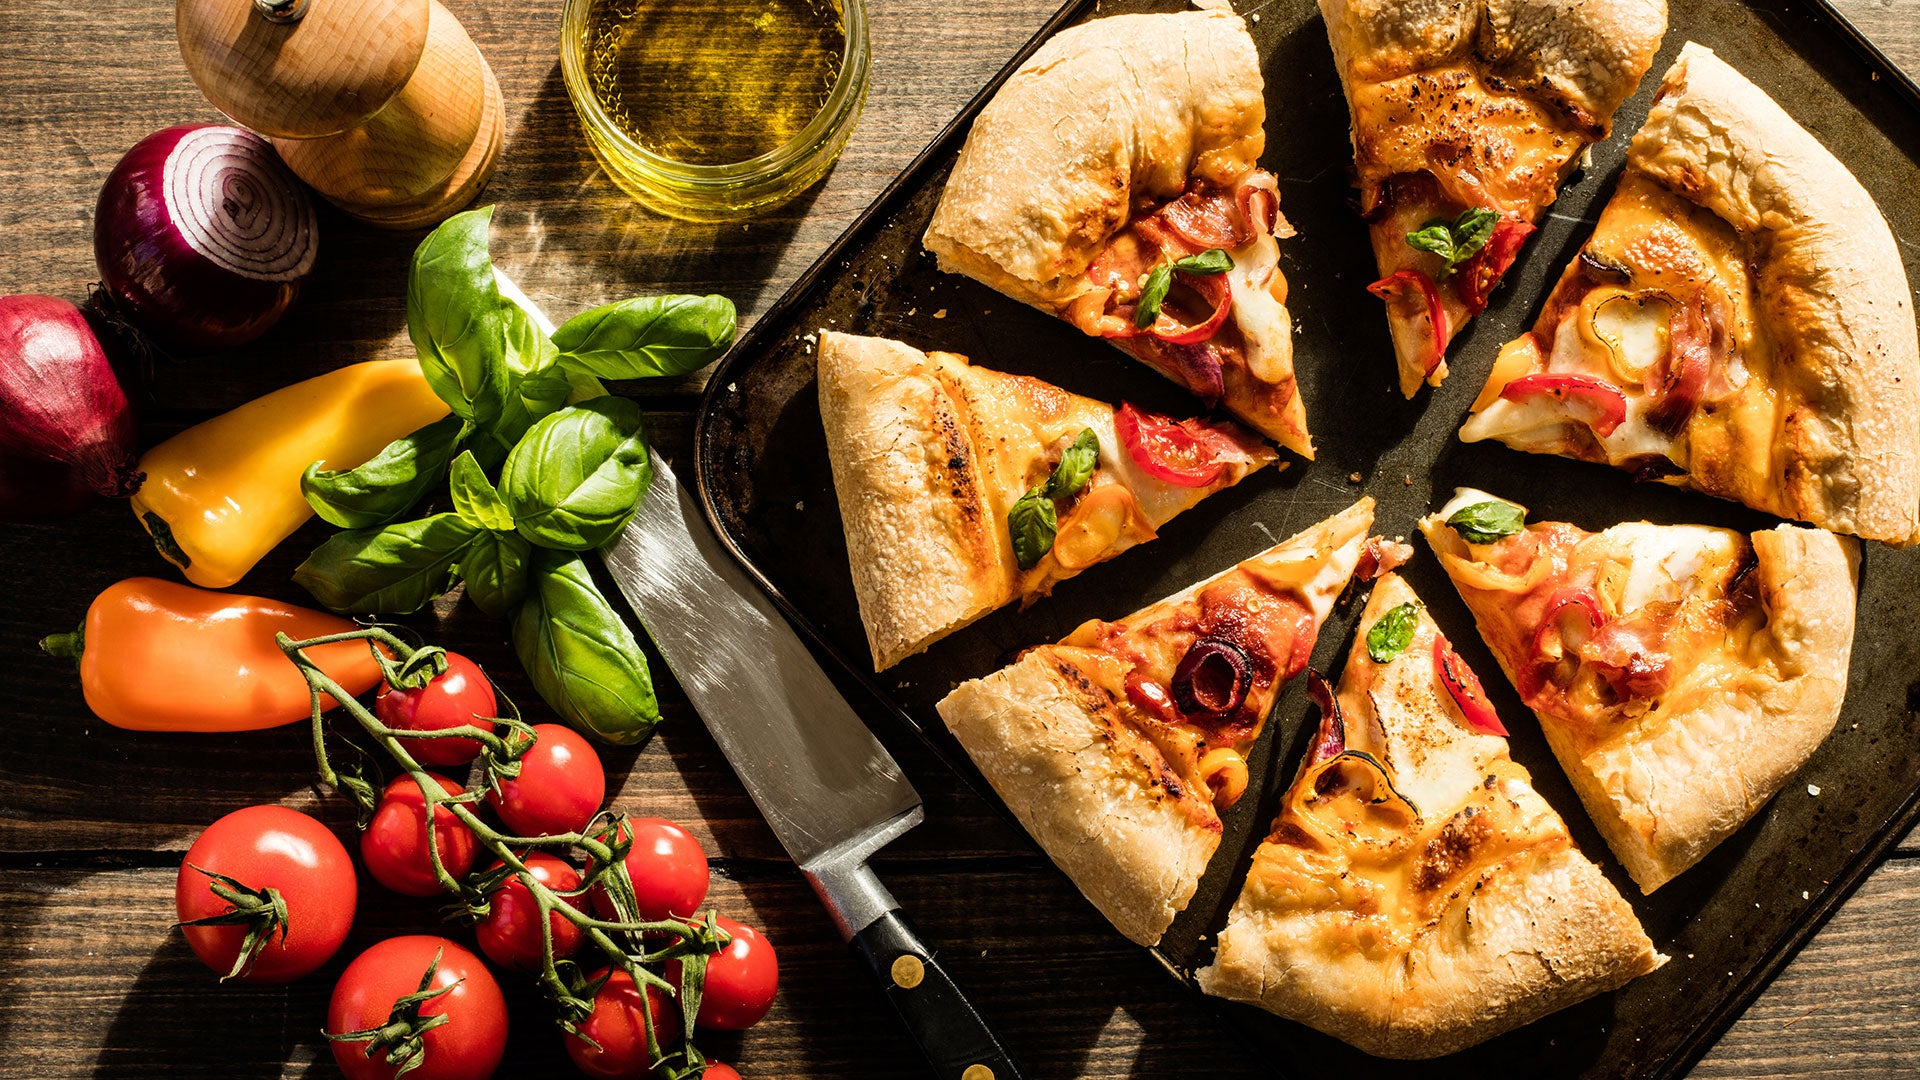 Sourdough Stuffed Crust Pizza